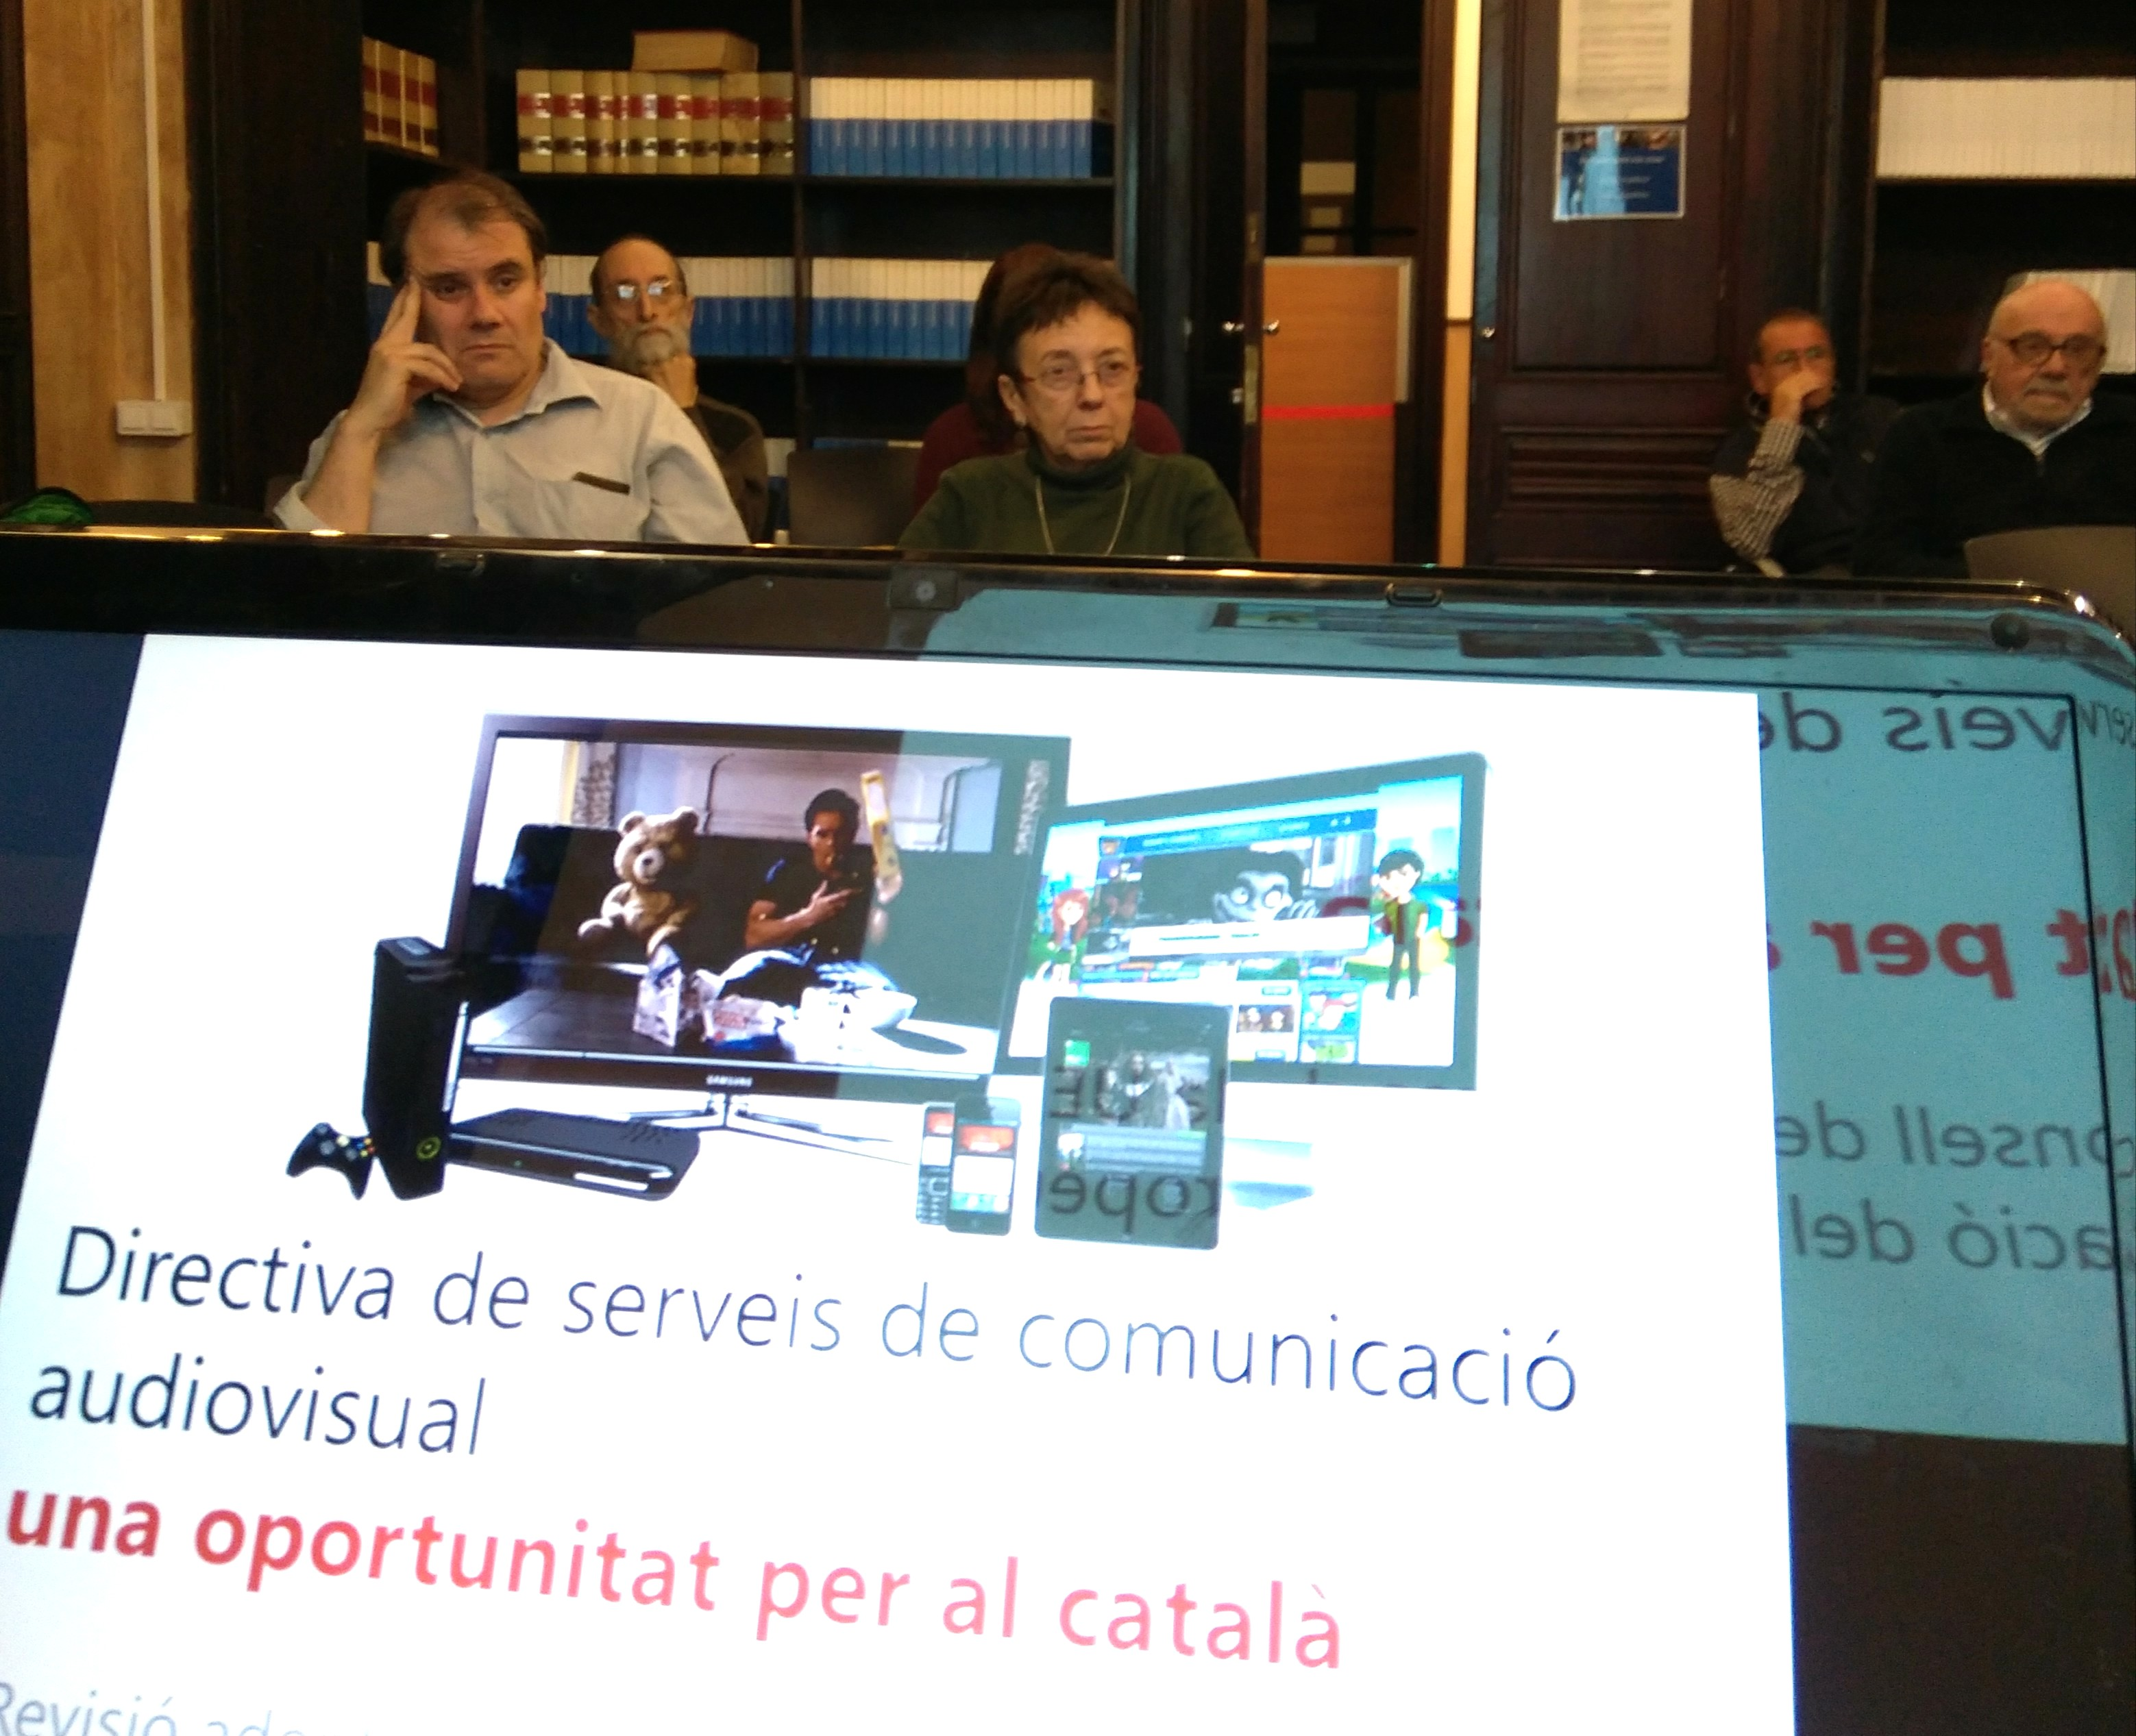 La nova Directiva europea de serveis de comunicació audiovisual: una finestra d'oportunitat per als continguts en català